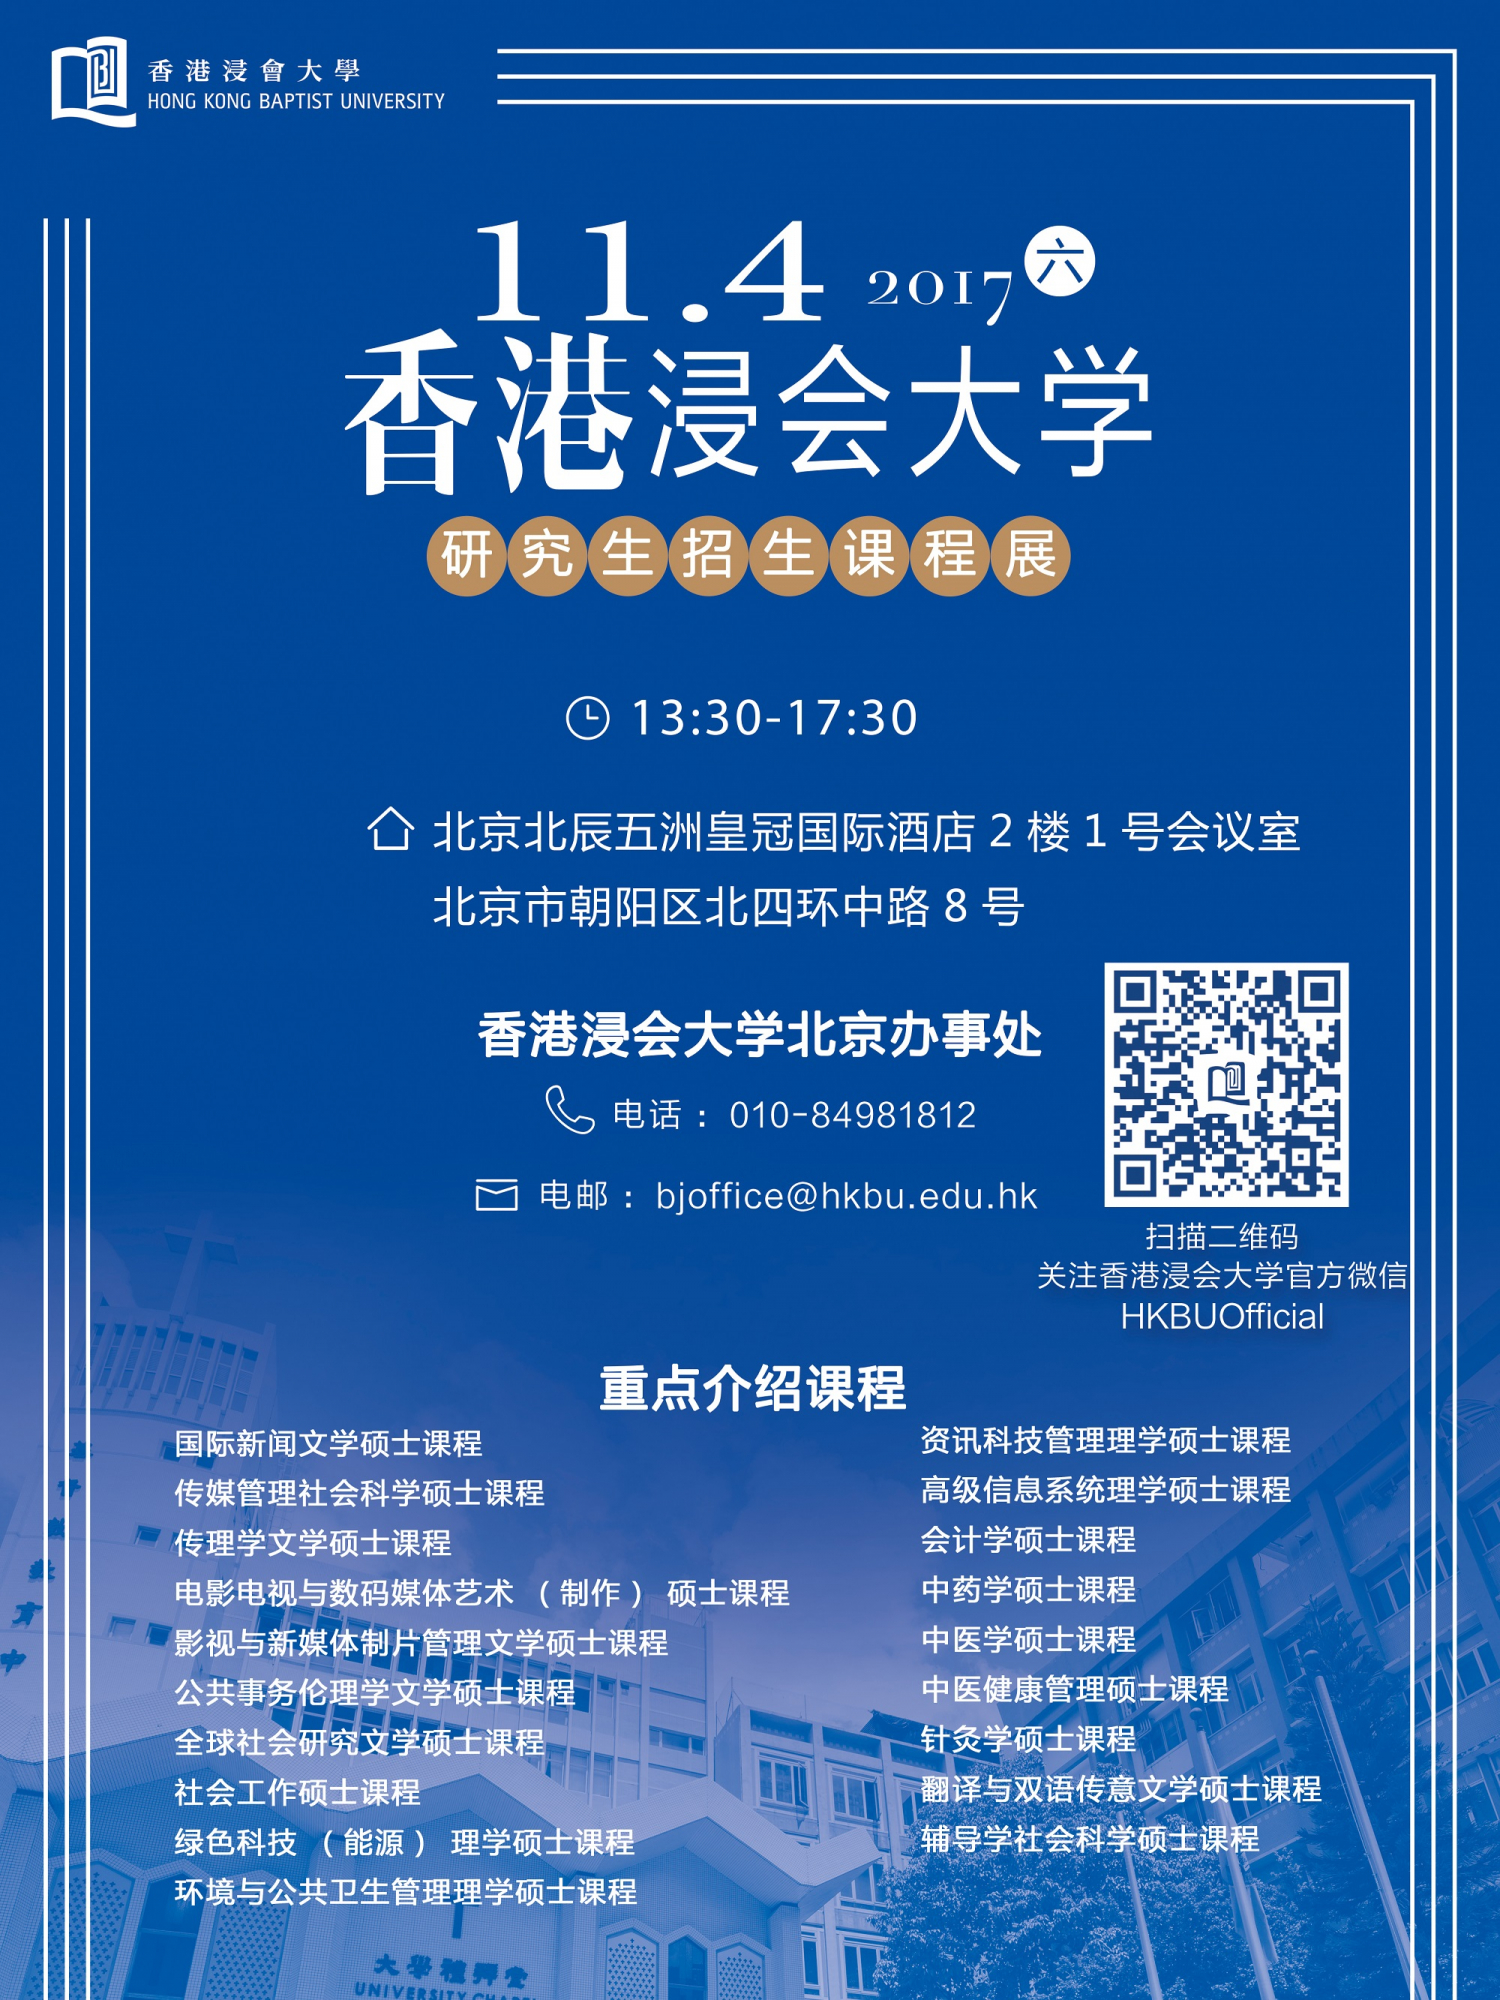 美丽北京,我们来了!|香港浸会大学2018/19研究生课程展北京站即将开启!